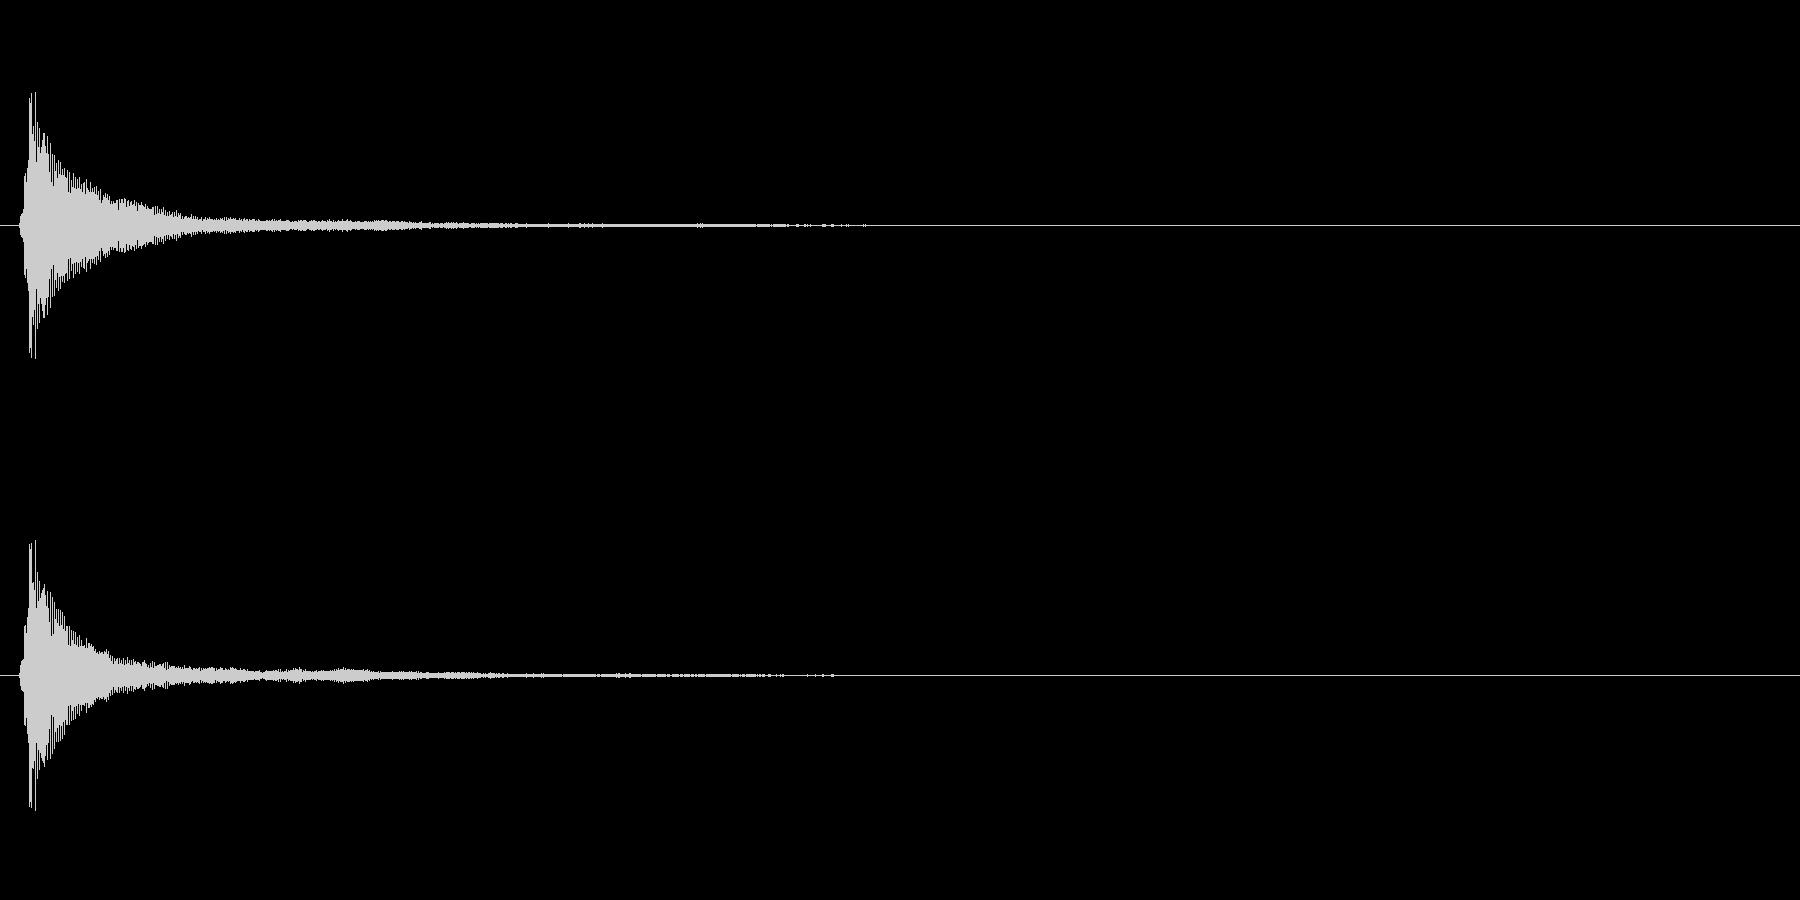 サウンドロゴ(企業ロゴ)_008の未再生の波形